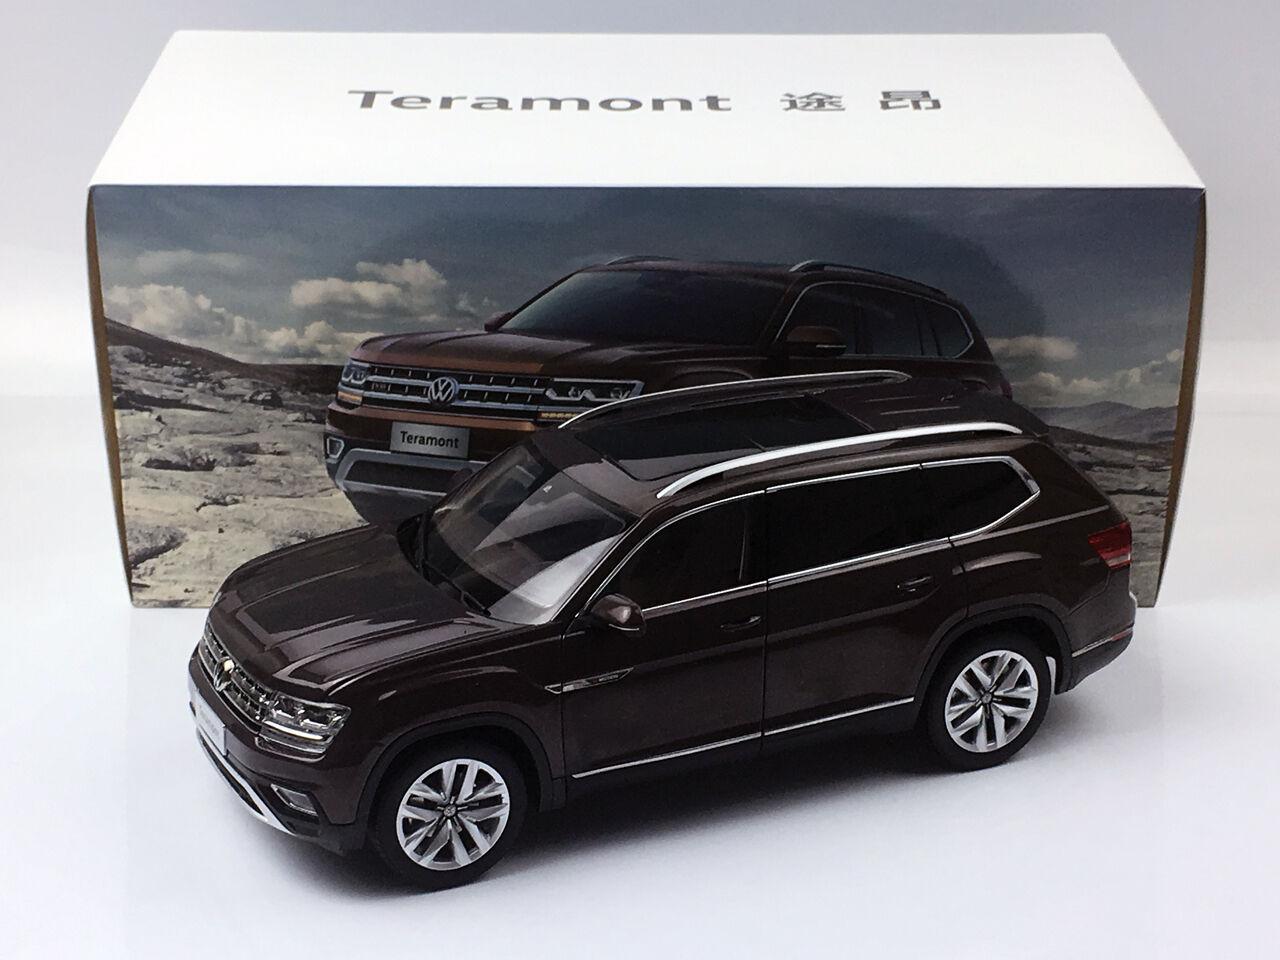 1 18 Volkswagen Teramont SUV brun tärningskast Metal modelllllerler Bil